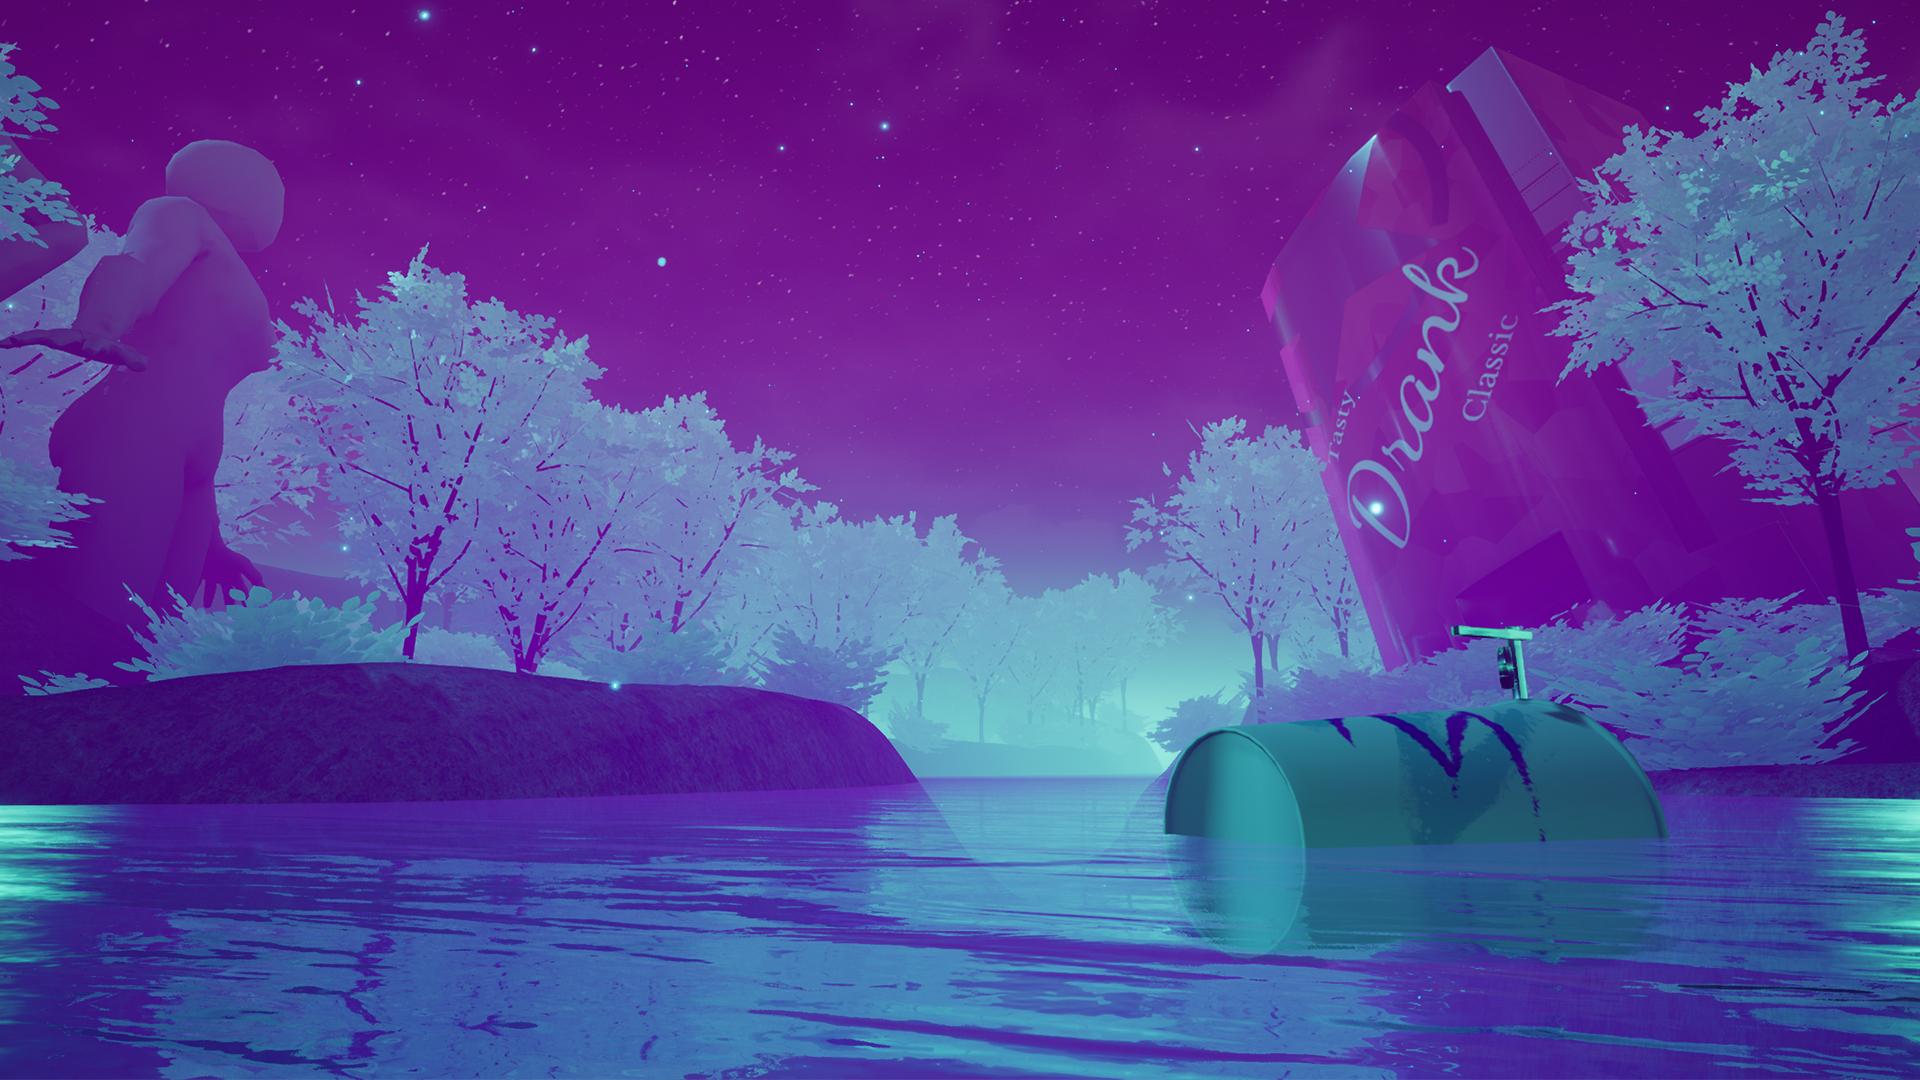 Neon colored river